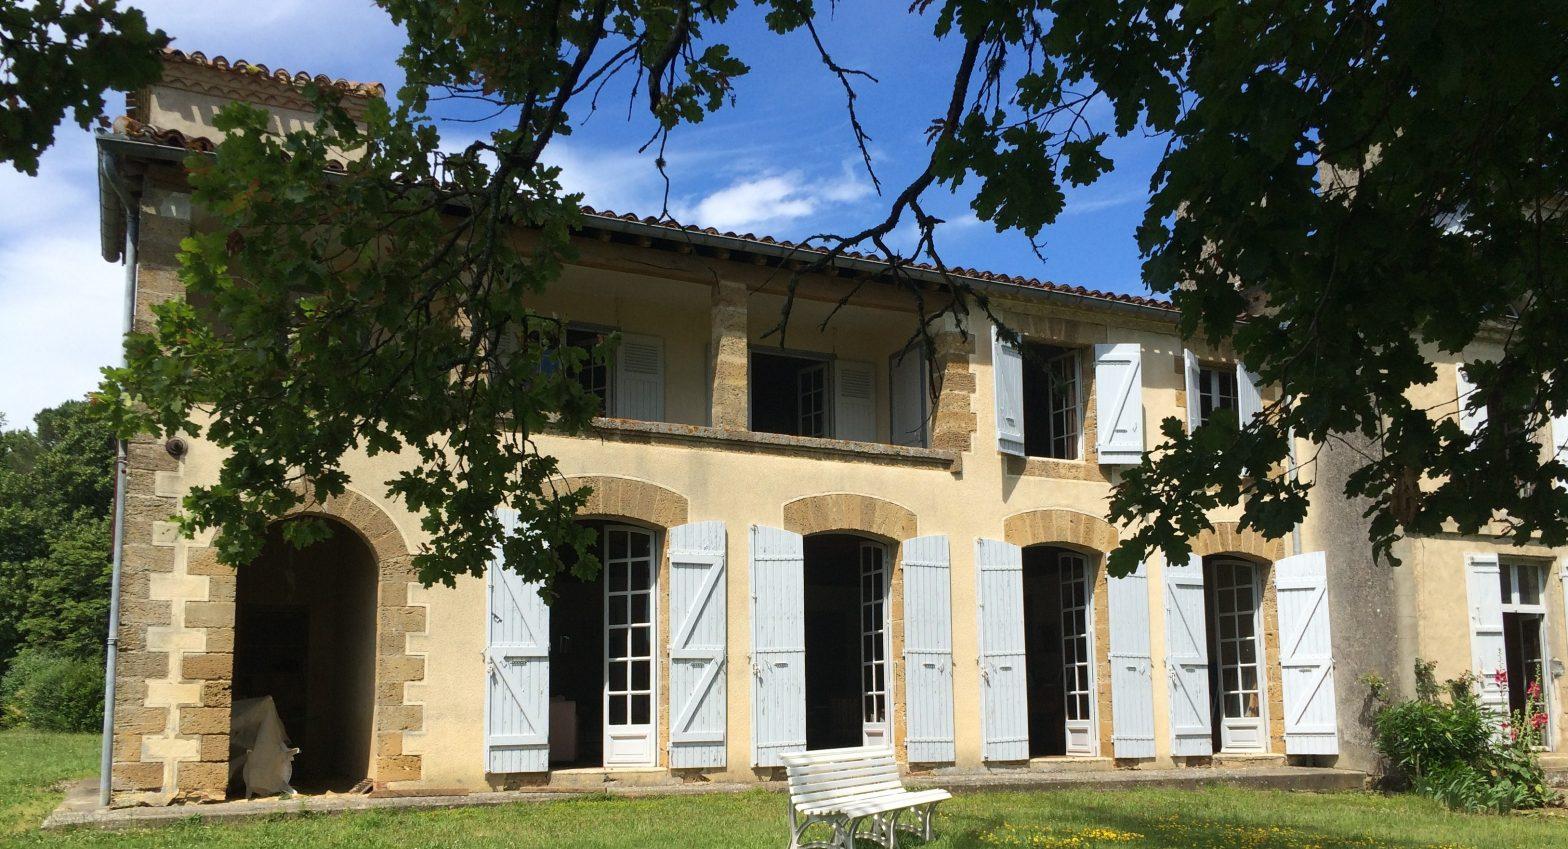 Propriété viticole à vendre de 37 HA - Bordeaux - 16111 - fr